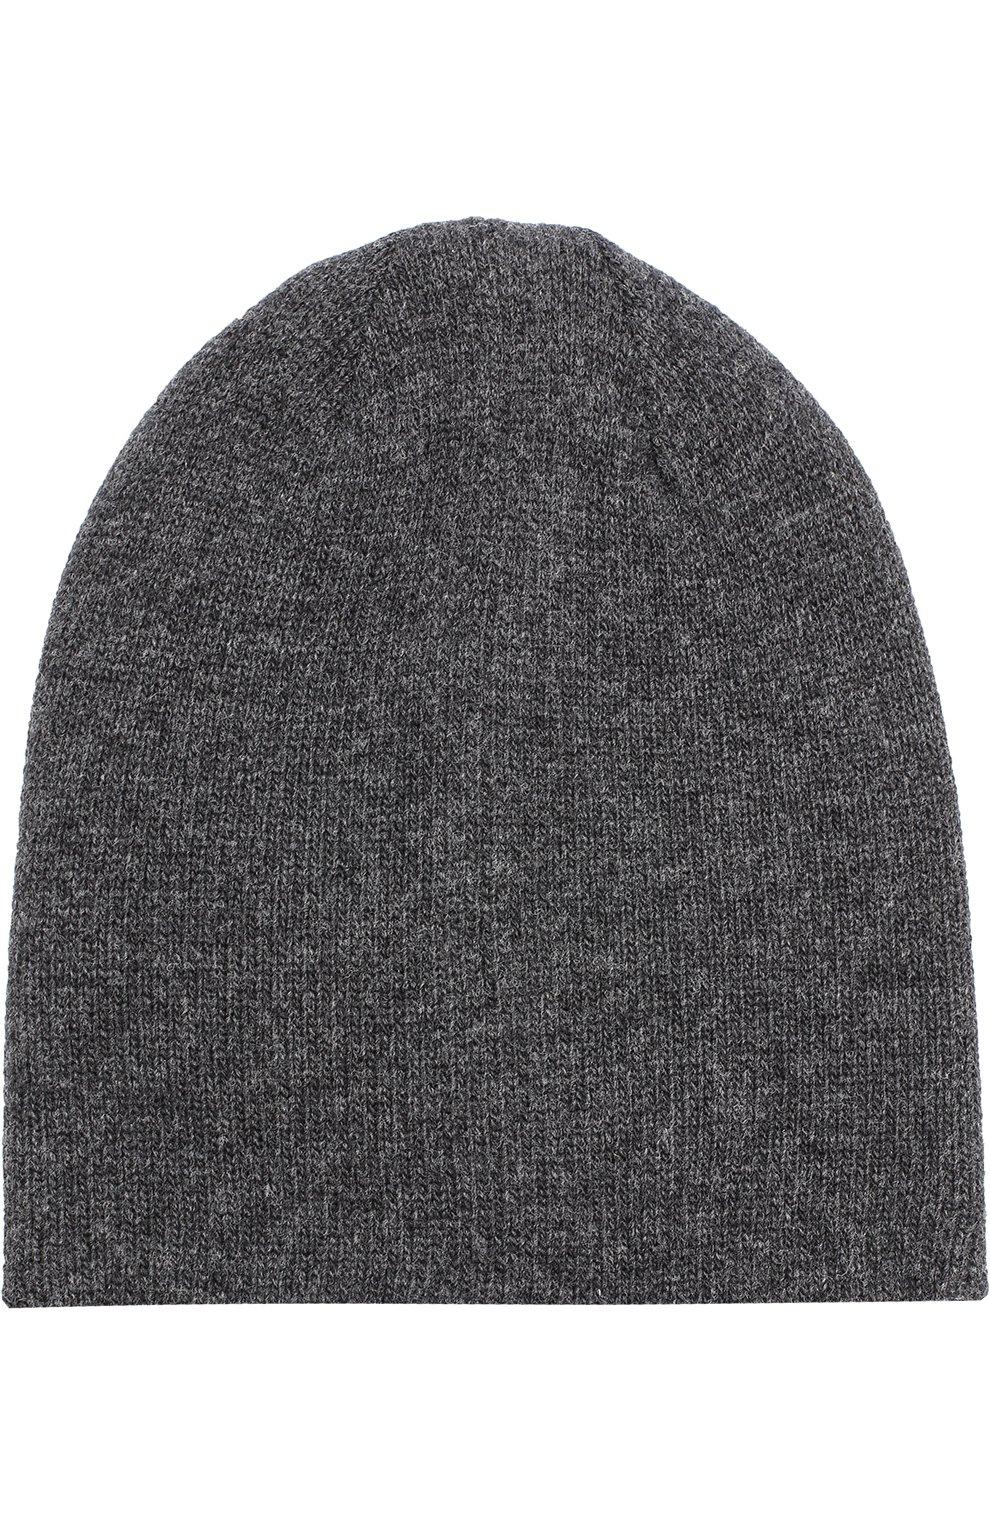 Шерстяная шапка бини Dolce & Gabbana серого цвета | Фото №2